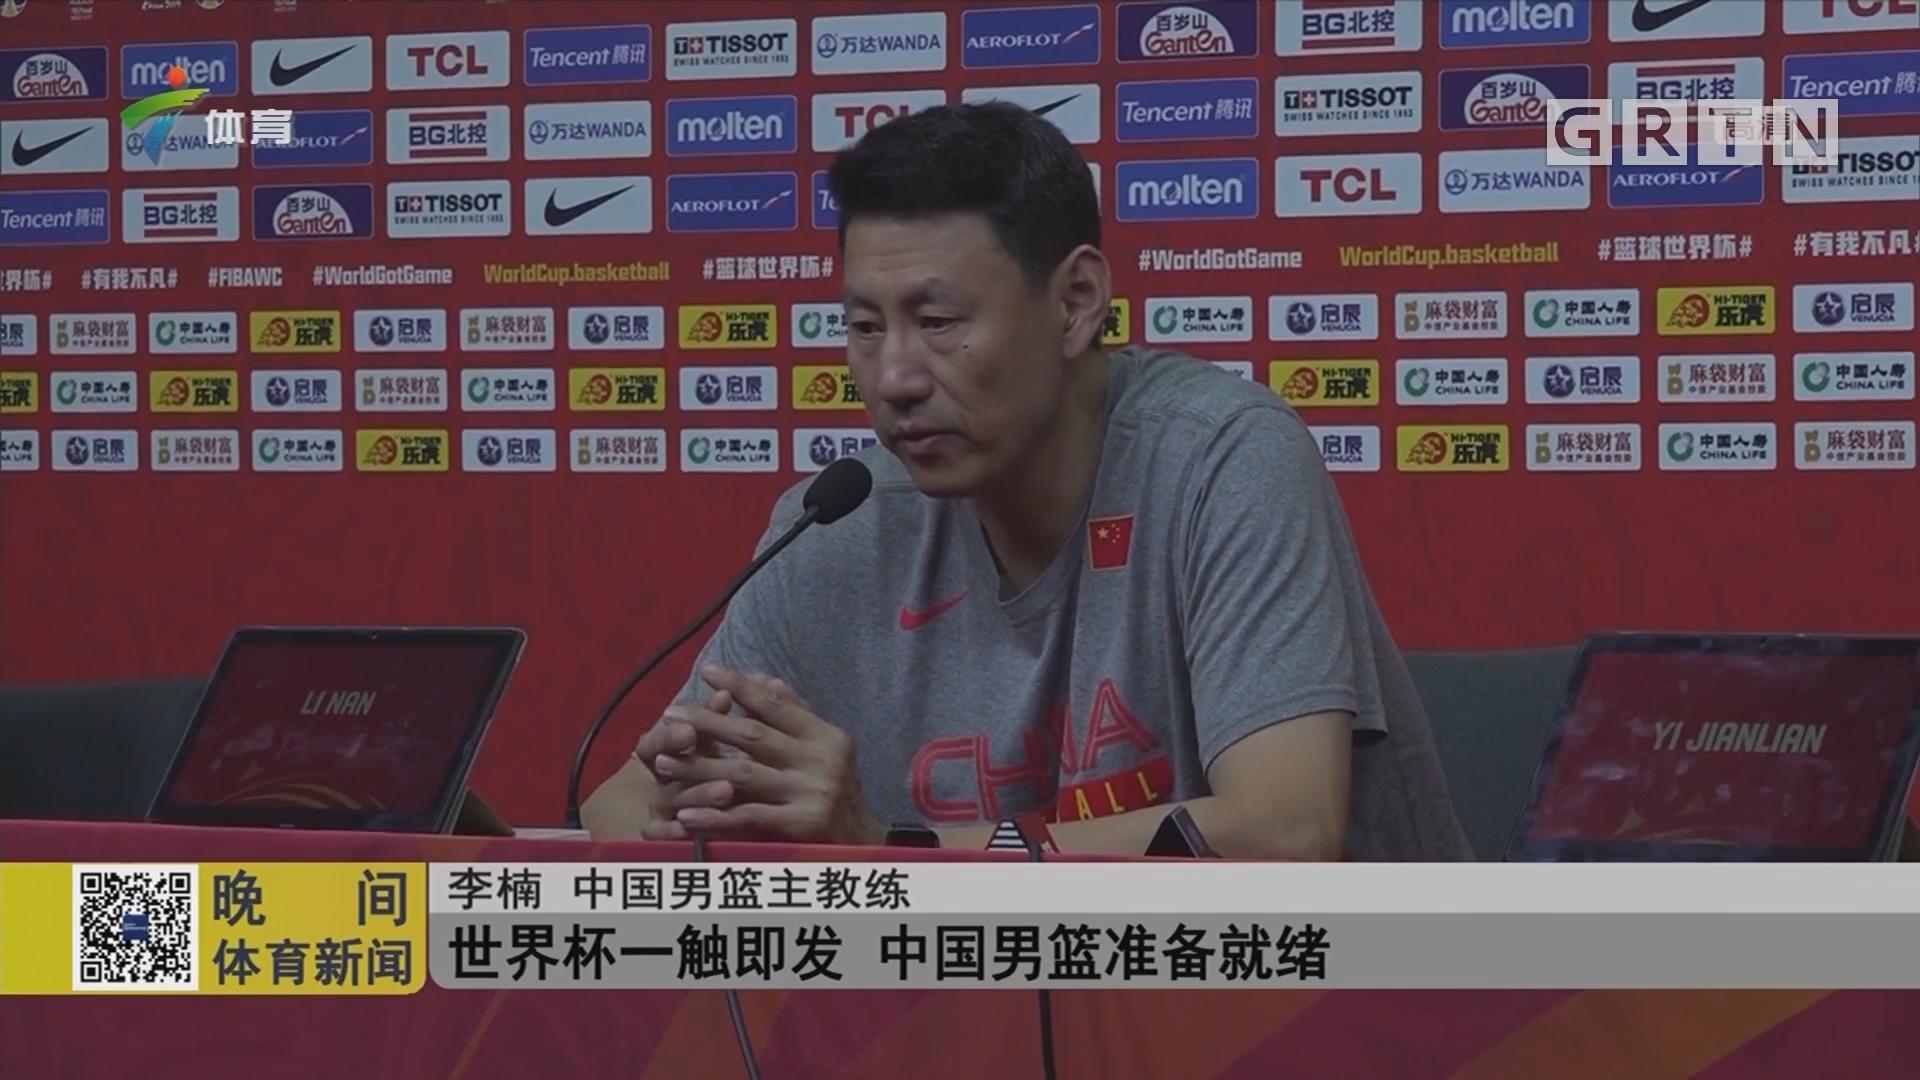 世界杯一触即发 中国男篮准备就绪